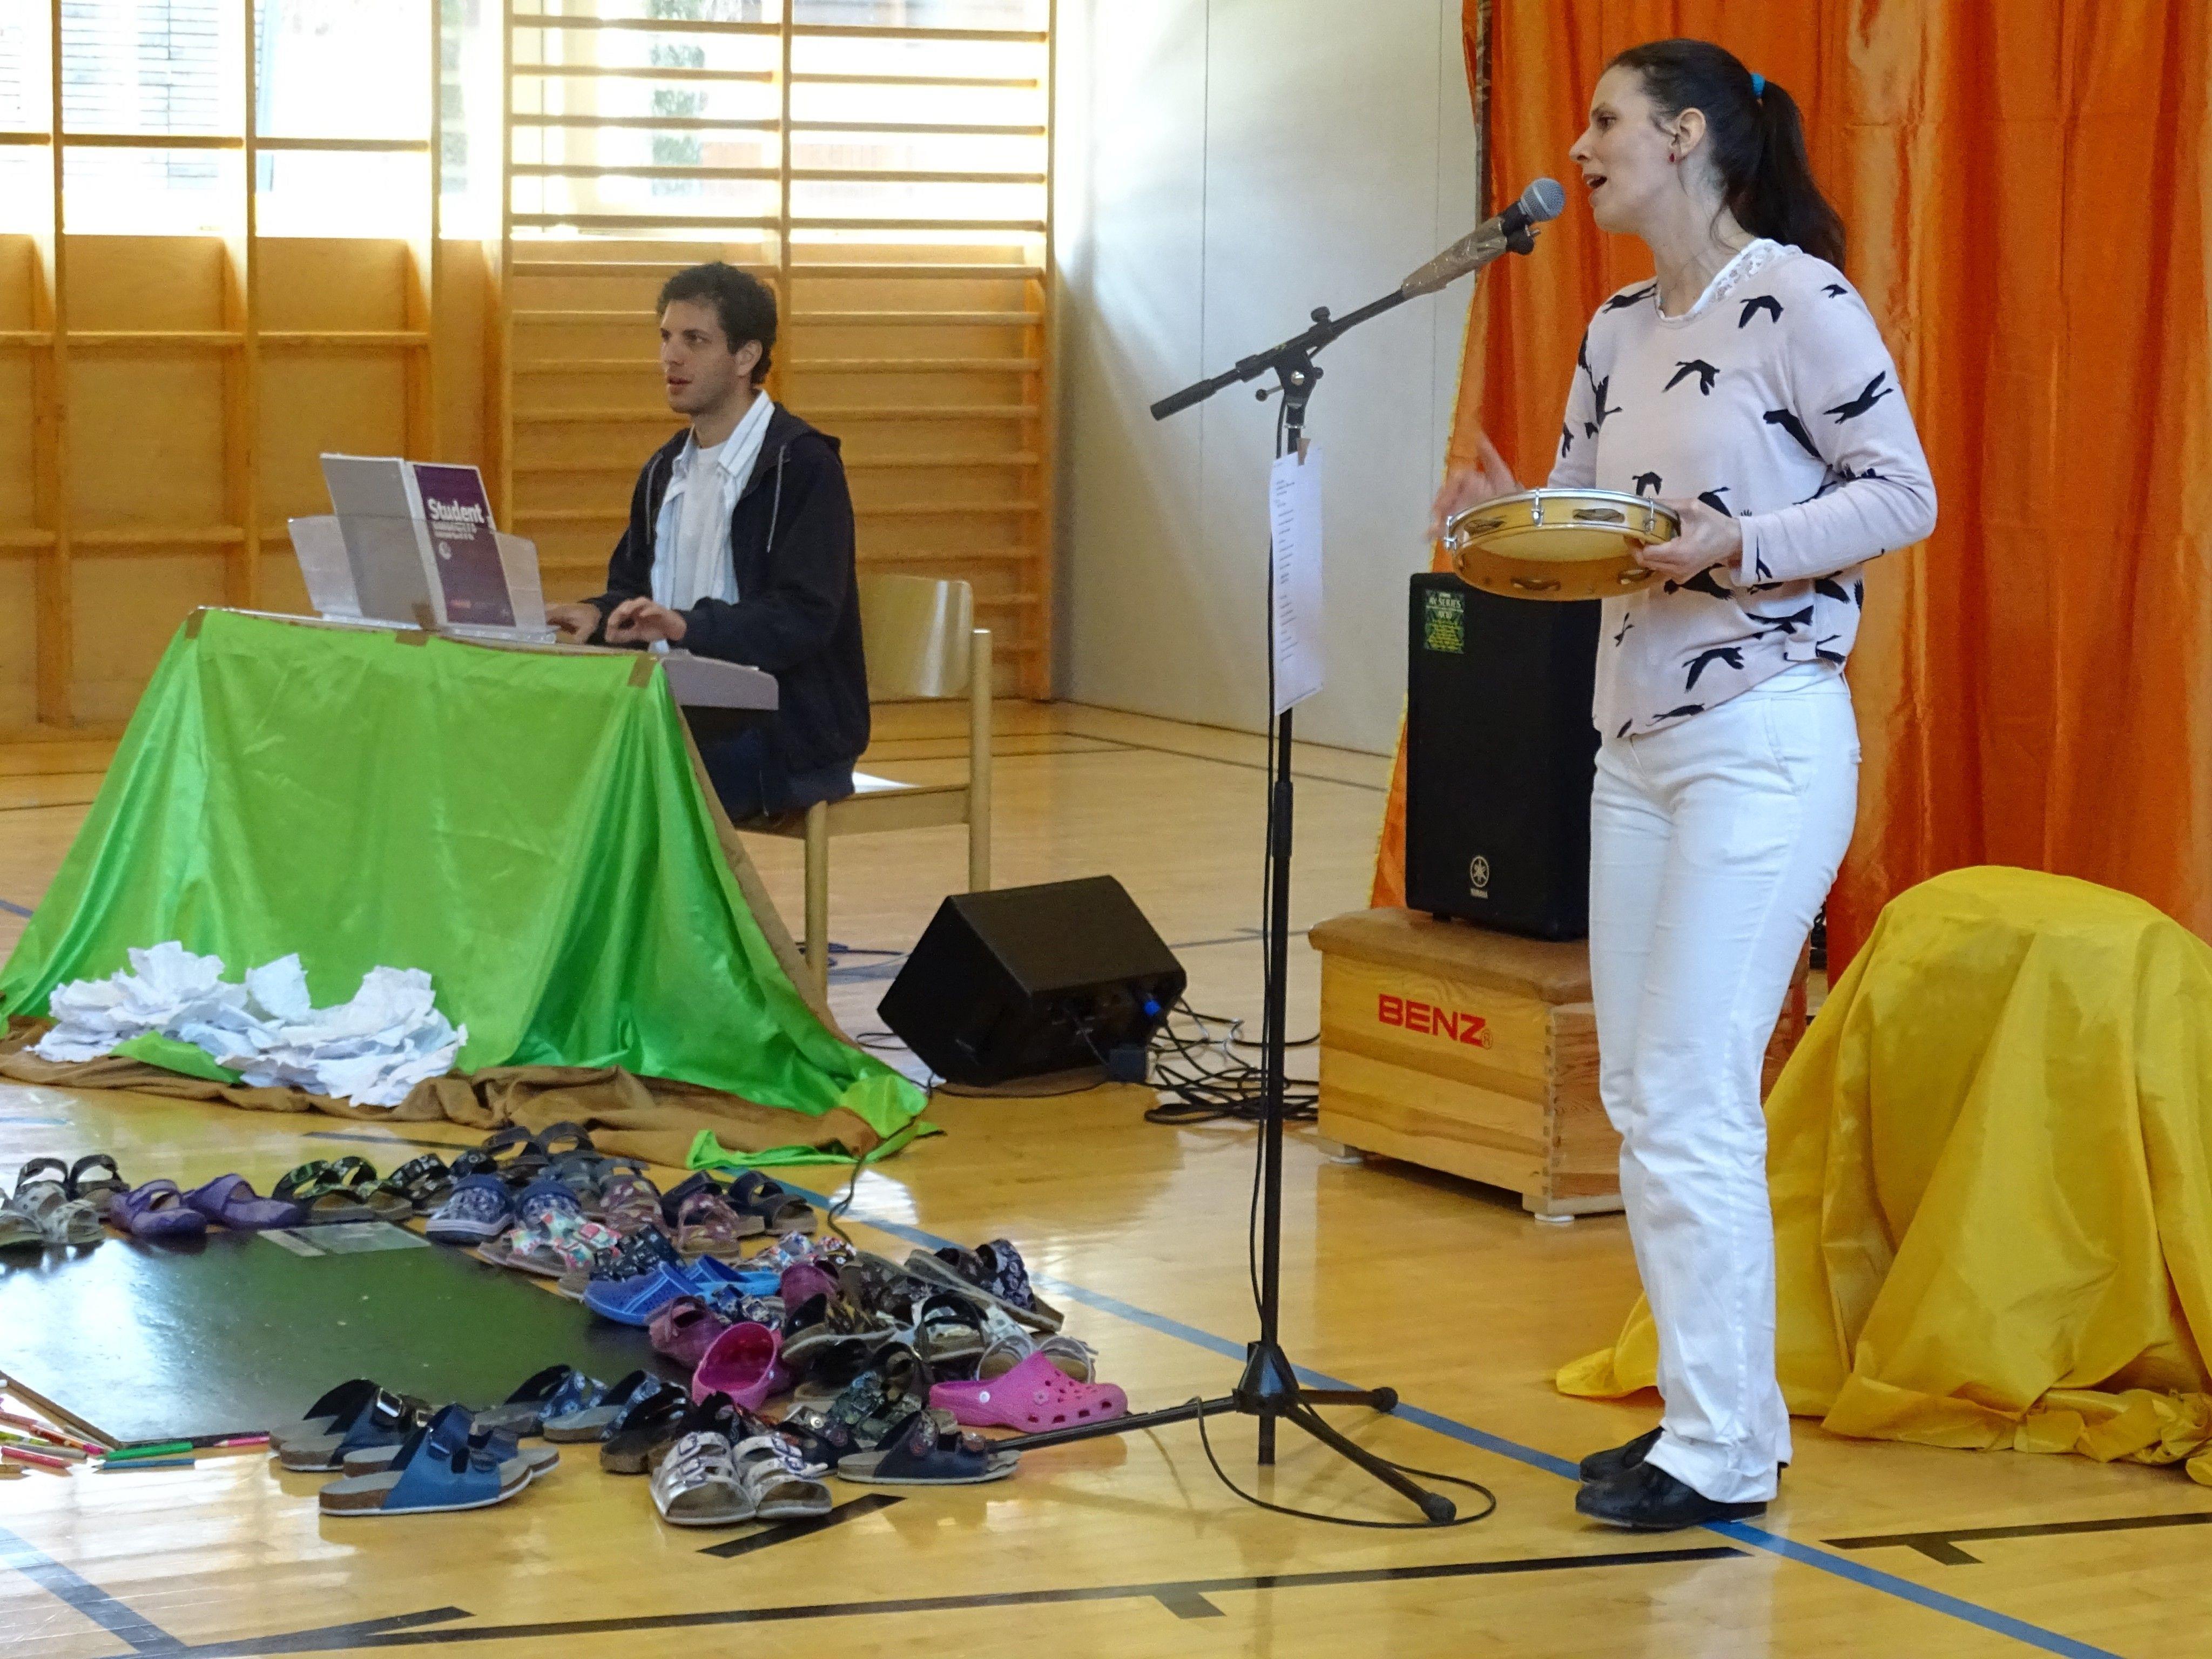 Anja Hulan und Felipe Scolfaro Crema nahmen die SchülerInnnen der VS Obdorf  mit auf eine musikalische Reise ins lebensfrohe Brasilien.